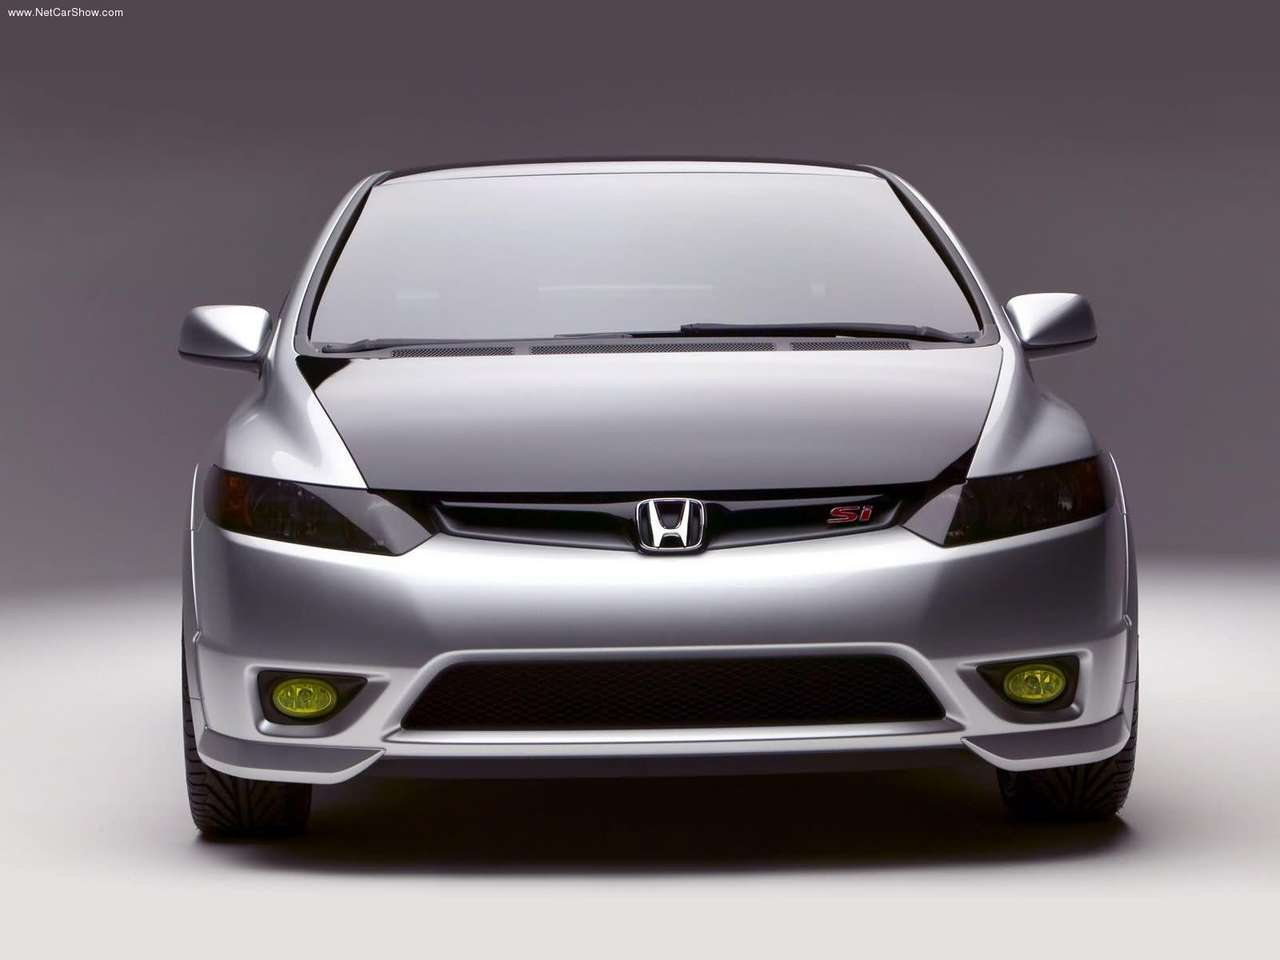 http://3.bp.blogspot.com/-CSXoqNQZ31k/TclDYwg8NtI/AAAAAAAAGcw/BnGop5-mofM/s1600/Honda-Civic_Si_Concept_2005_1280x960_wallpaper_03.jpg